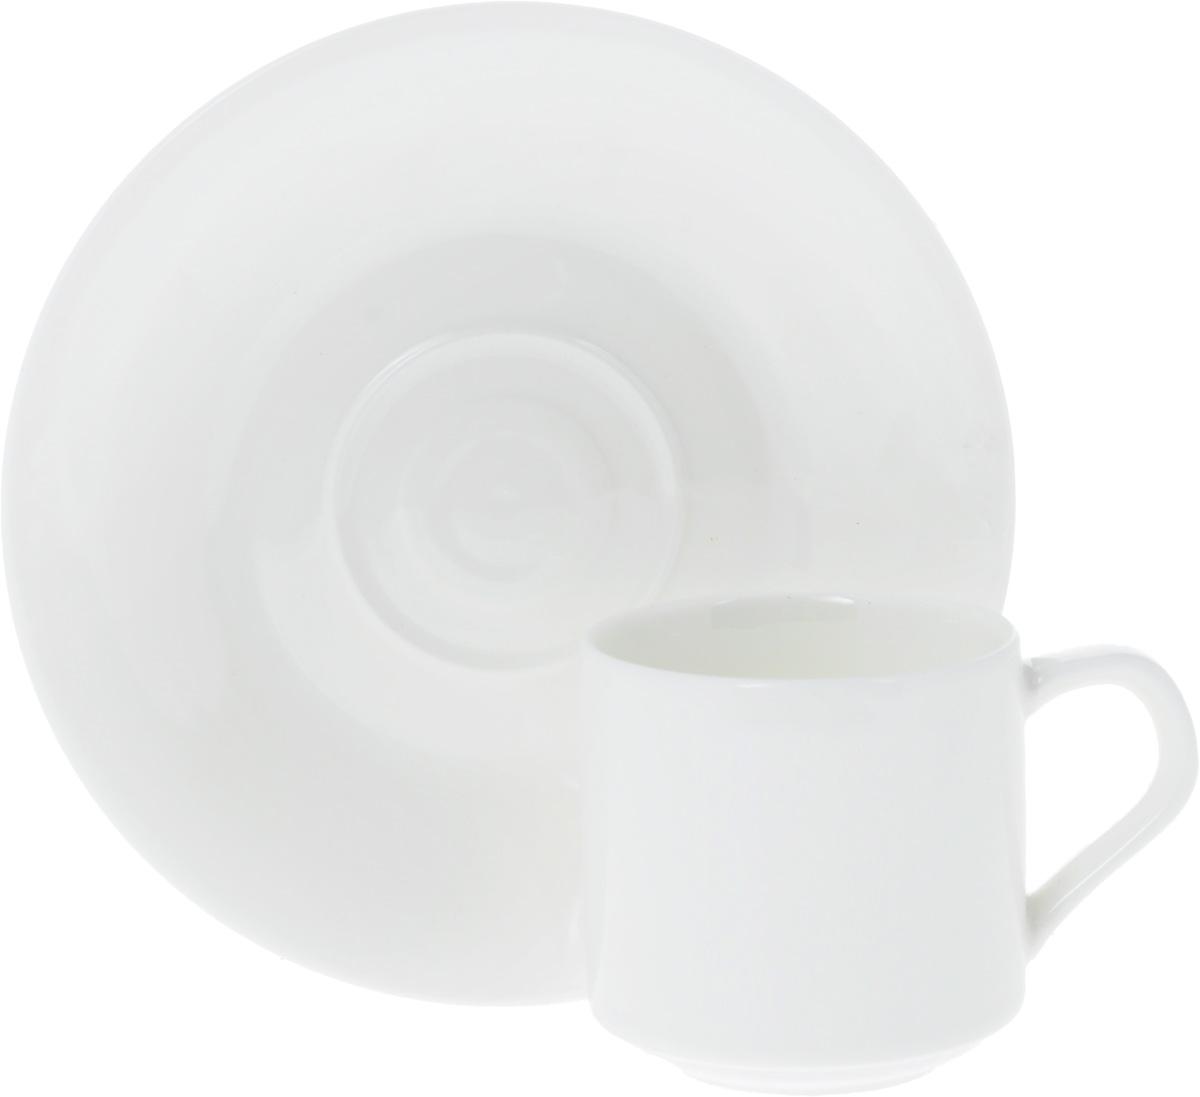 Кофейная пара Wilmax, 2 предмета. WL-993007 / AB115510Кофейная пара Wilmax состоит из чашки и блюдца. Изделия выполнены из высококачественного фарфора, покрытого слоем глазури. Изделия имеют лаконичный дизайн, просты и функциональны в использовании. Кофейная пара Wilmax украсит ваш кухонный стол, а также станет замечательным подарком к любому празднику.Изделия можно мыть в посудомоечной машине и ставить в микроволновую печь.Объем чашки: 90 мл.Диаметр чашки (по верхнему краю): 5,5 см.Высота чашки: 5,5 см.Диаметр блюдца: 13,5 см.